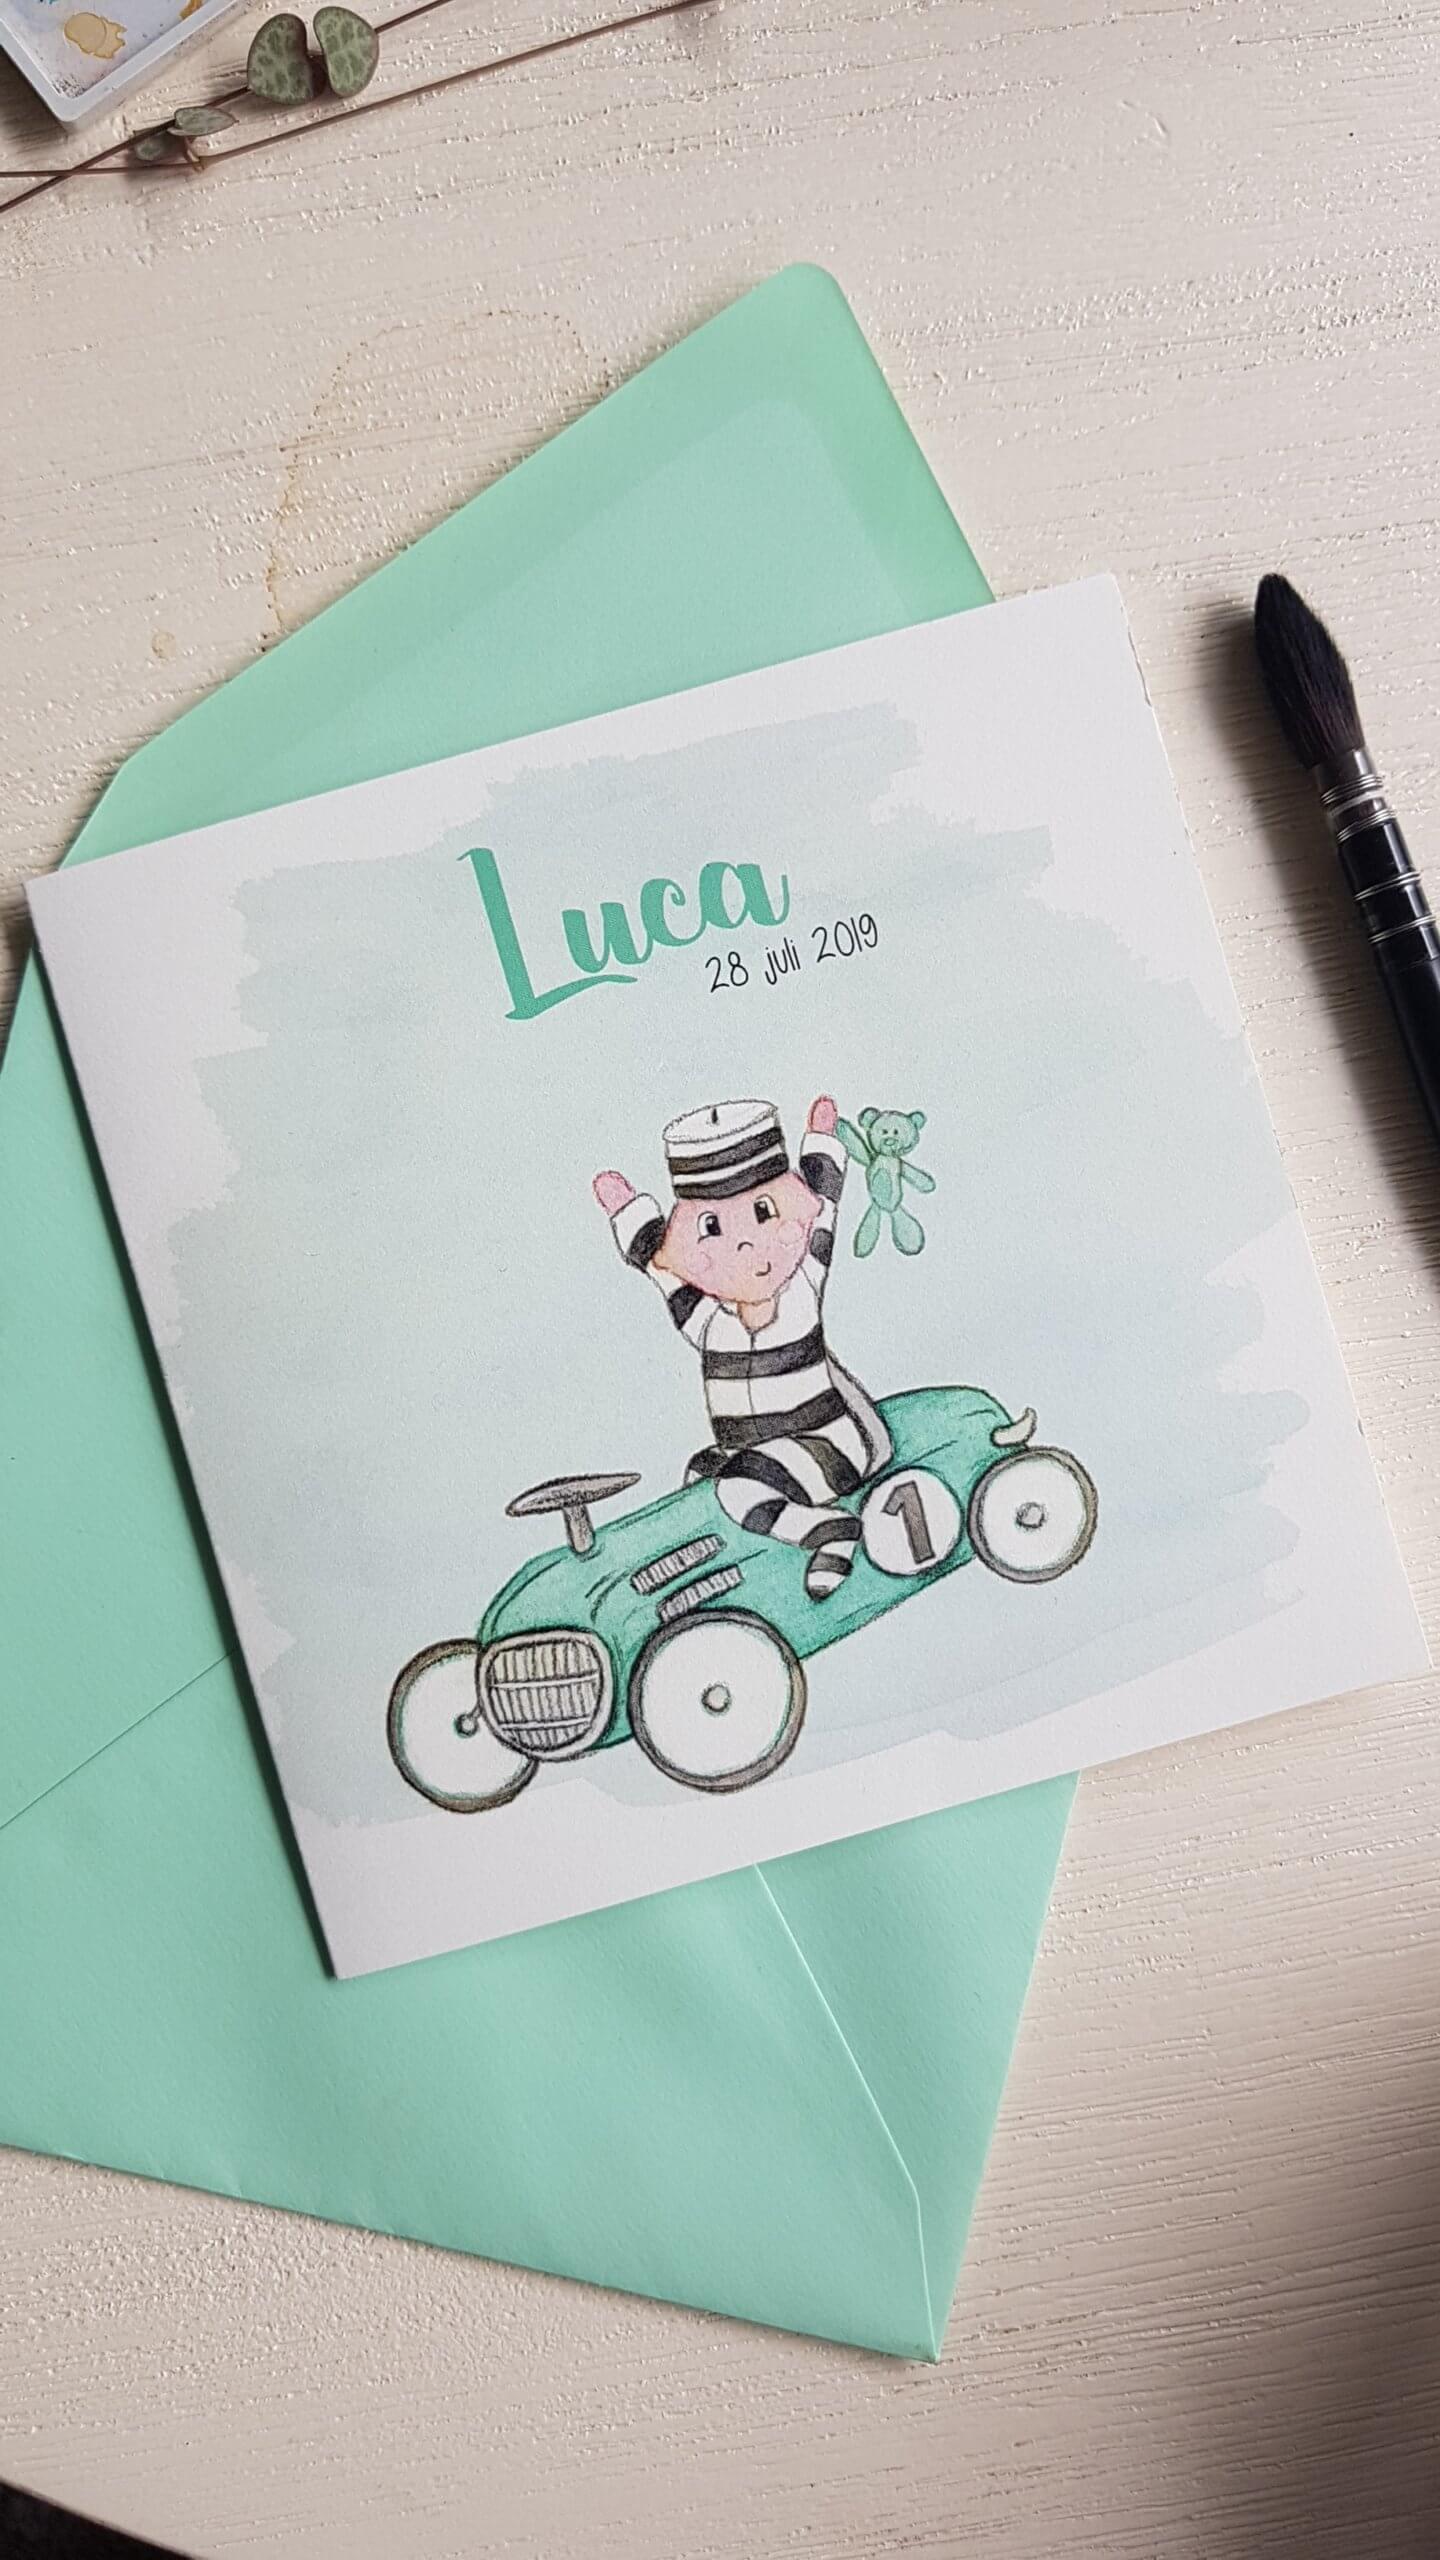 Geboortekaartje voor Luca